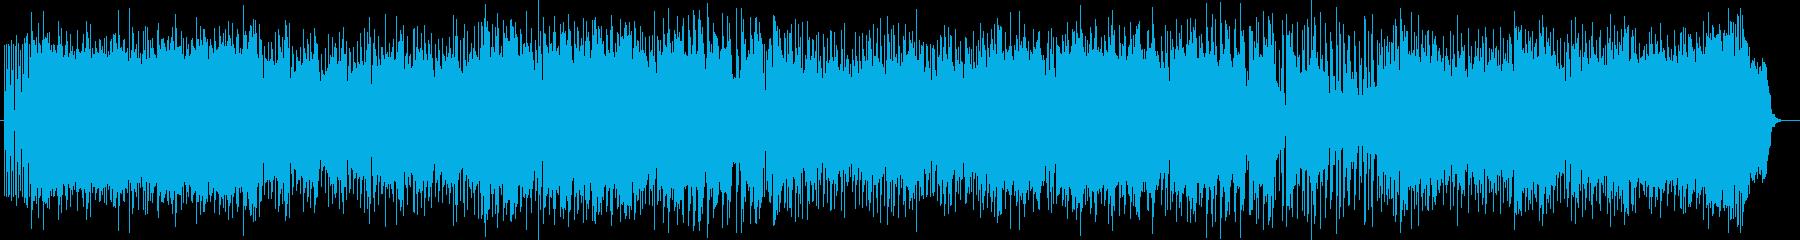 軽快で可憐な笛ポップスの再生済みの波形